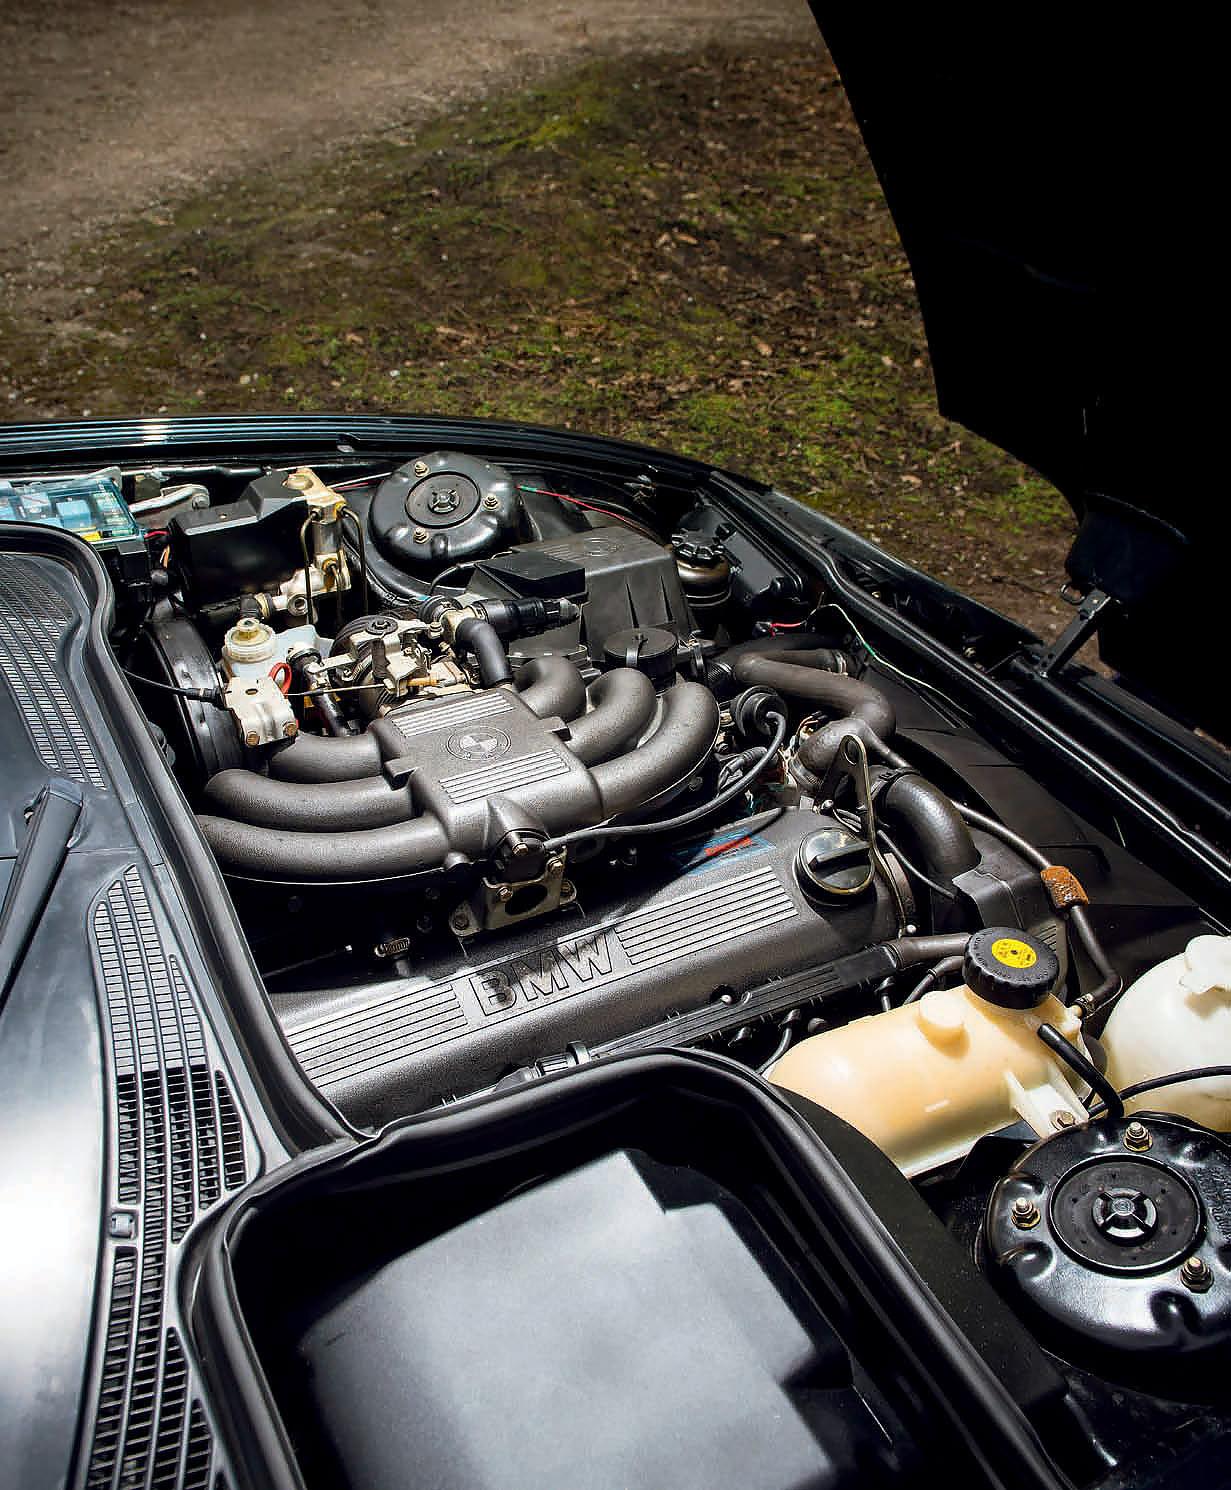 BMW Z1 Alpina RLE engine